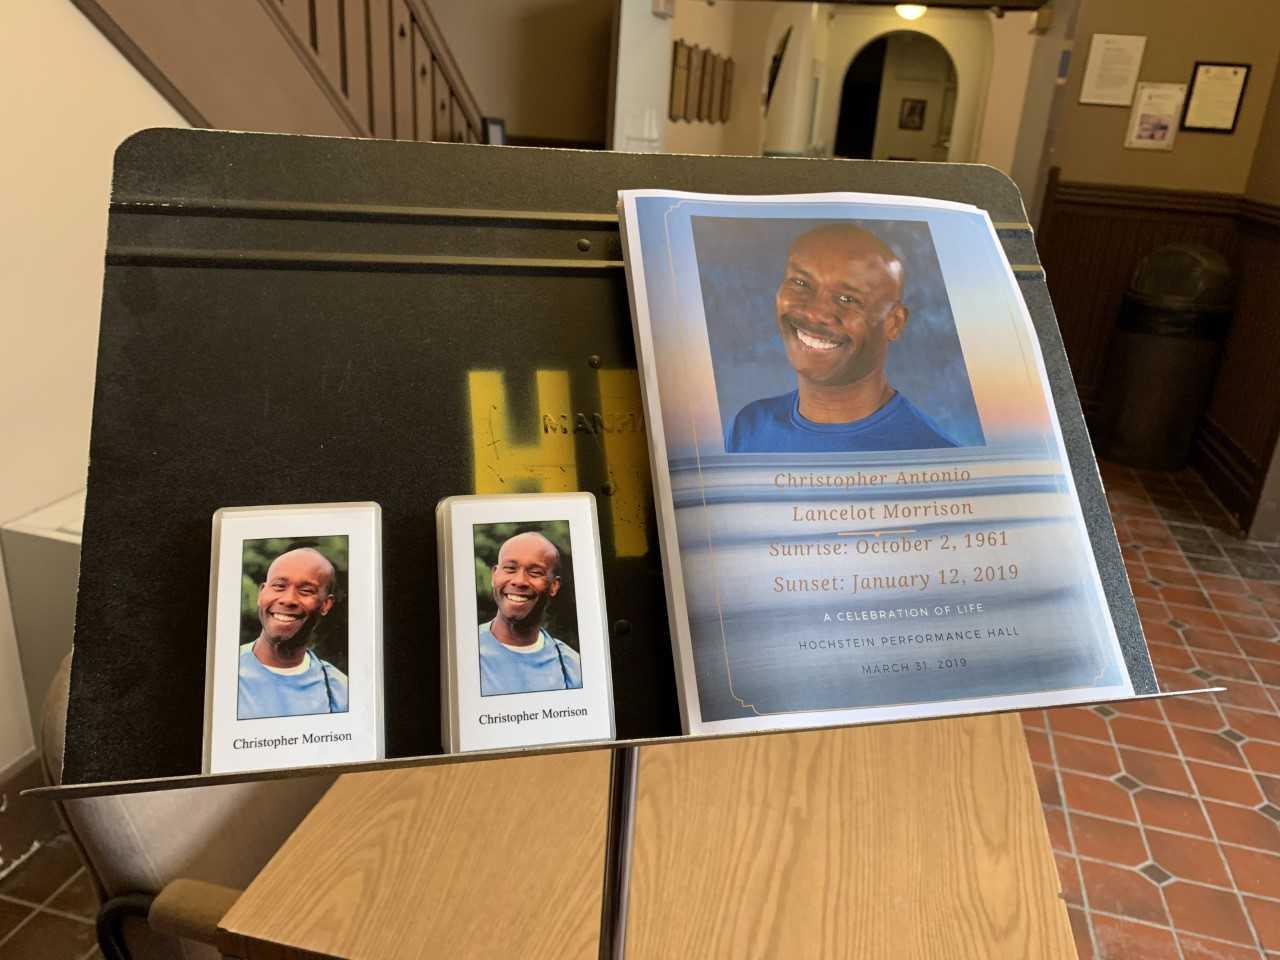 Remembering Christopher Morrison_1554053625982.jpg.jpg